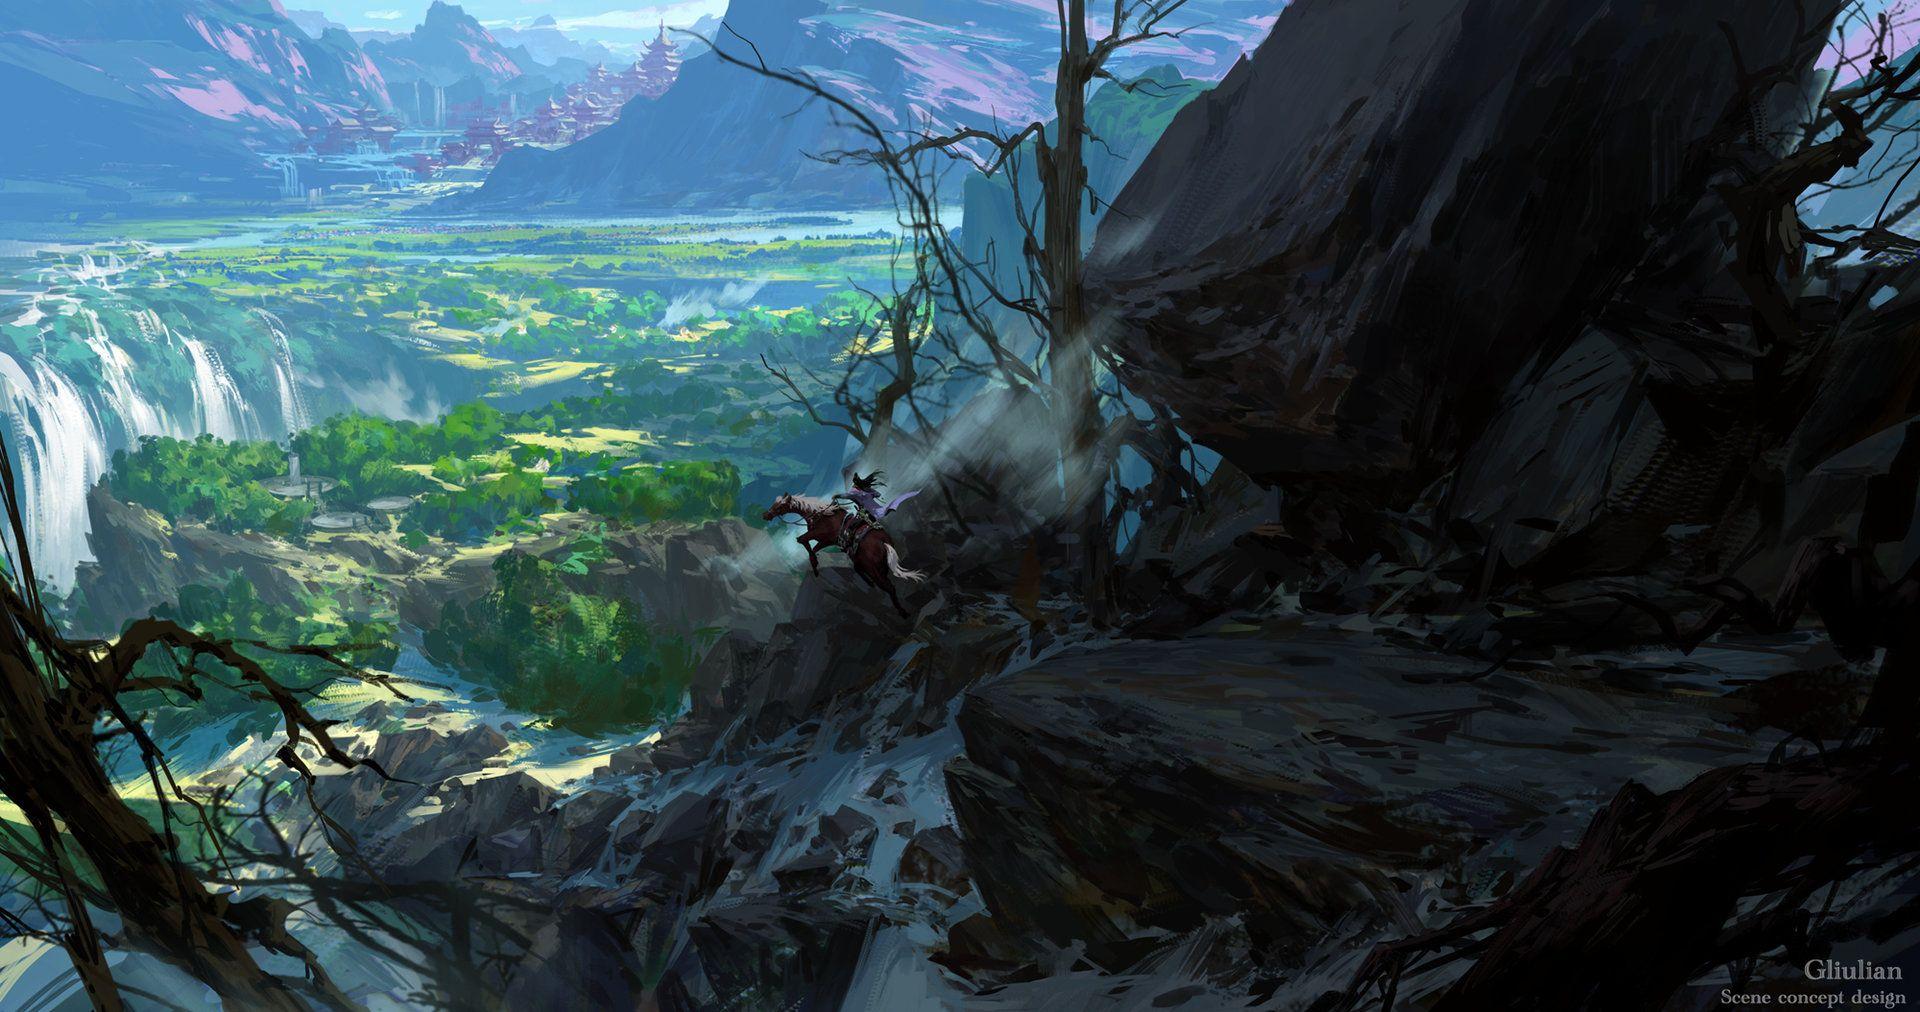 ArtStation - Field of vision, G liulian